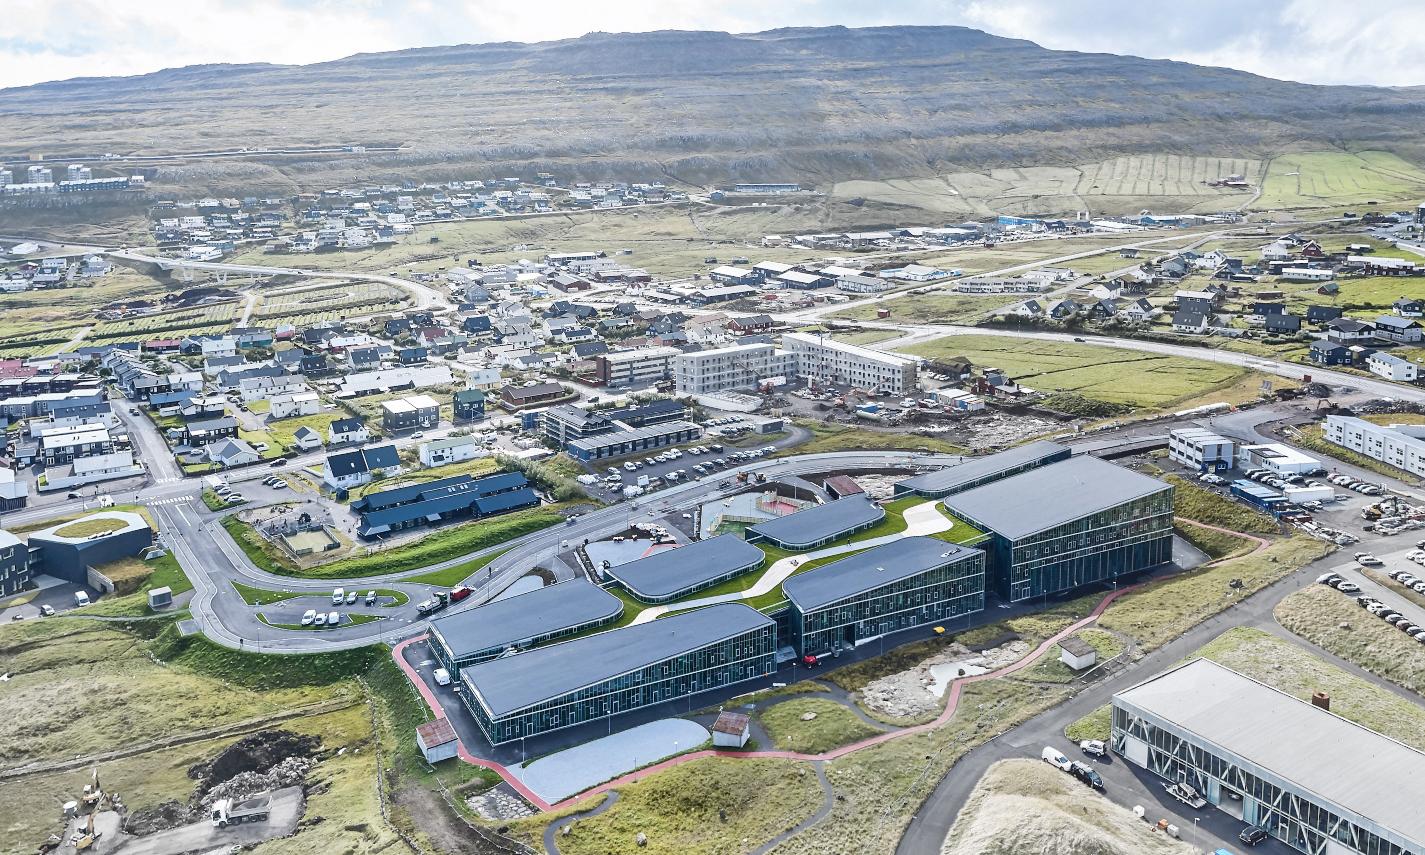 Skolen er placeret på en slette i Tórshavn.